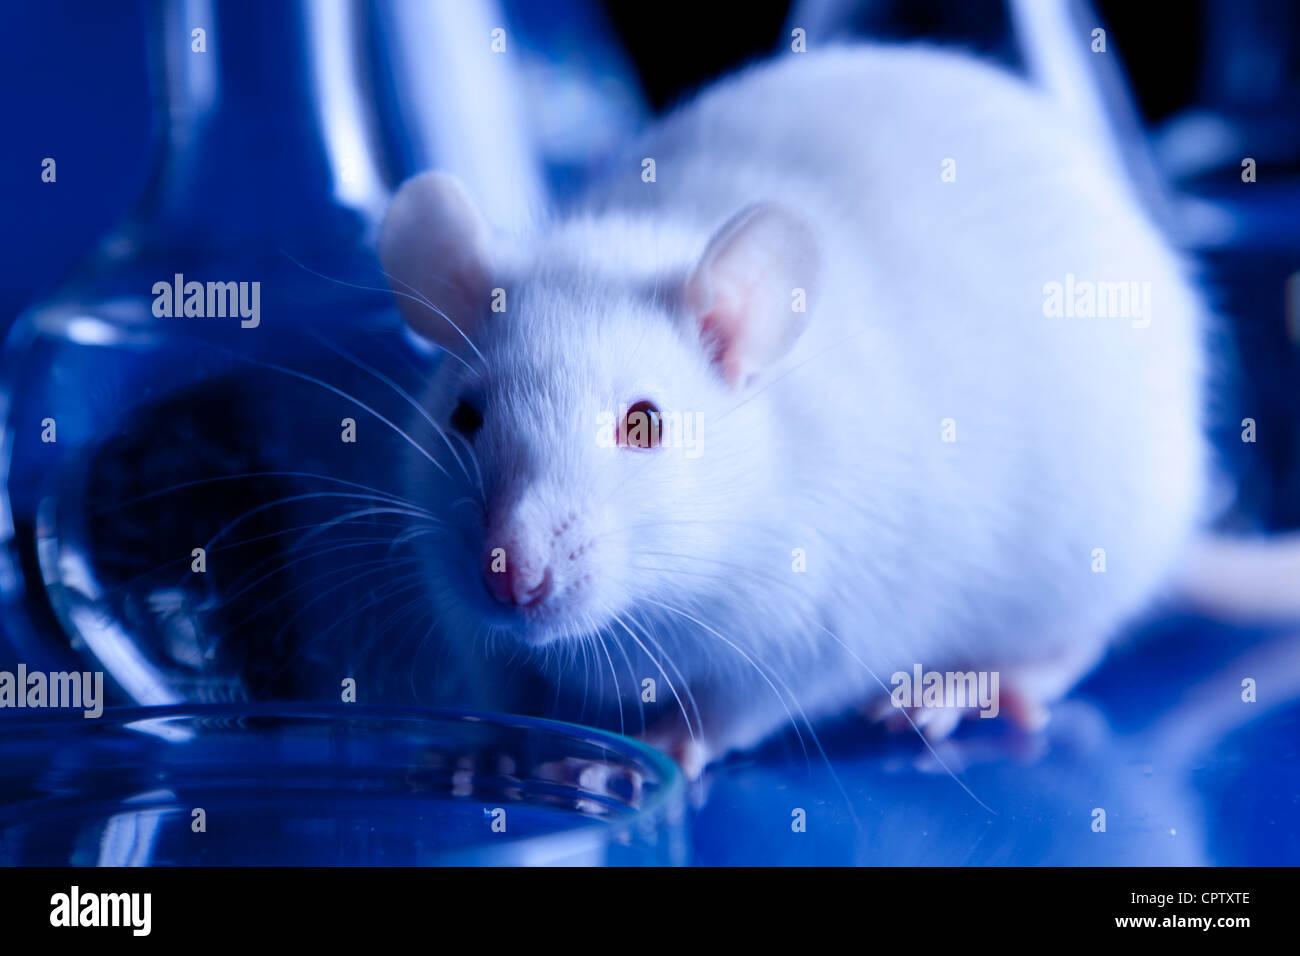 Les rats en laboratoire. Des expériences réalisées sur des animaux Photo Stock